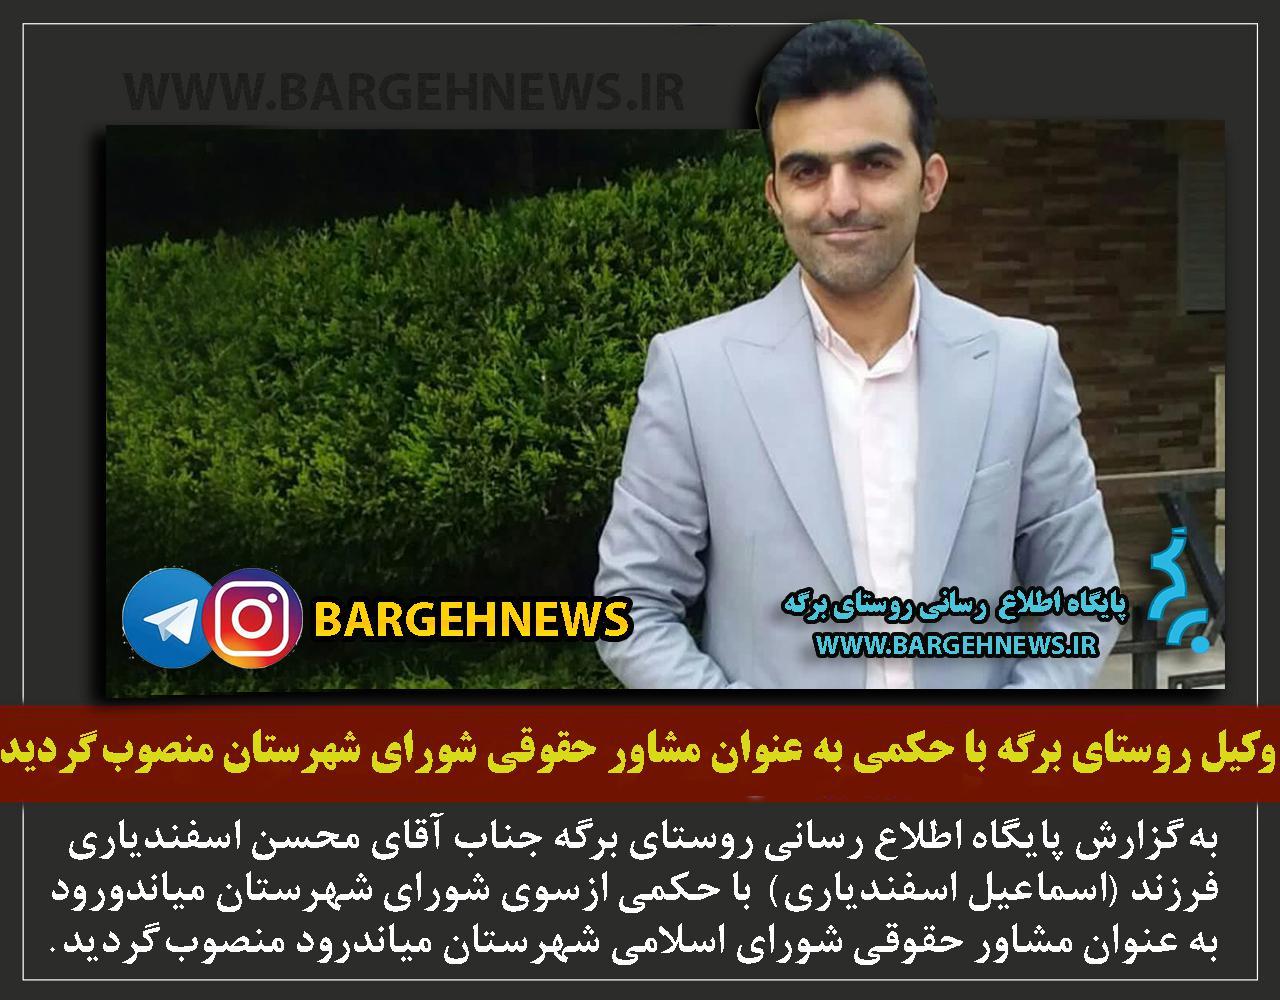 عکس نوشته/وکیل روستای برگه با حکمی به عنوان مشاور حقوقی شورای شهرستان منصوب گردید